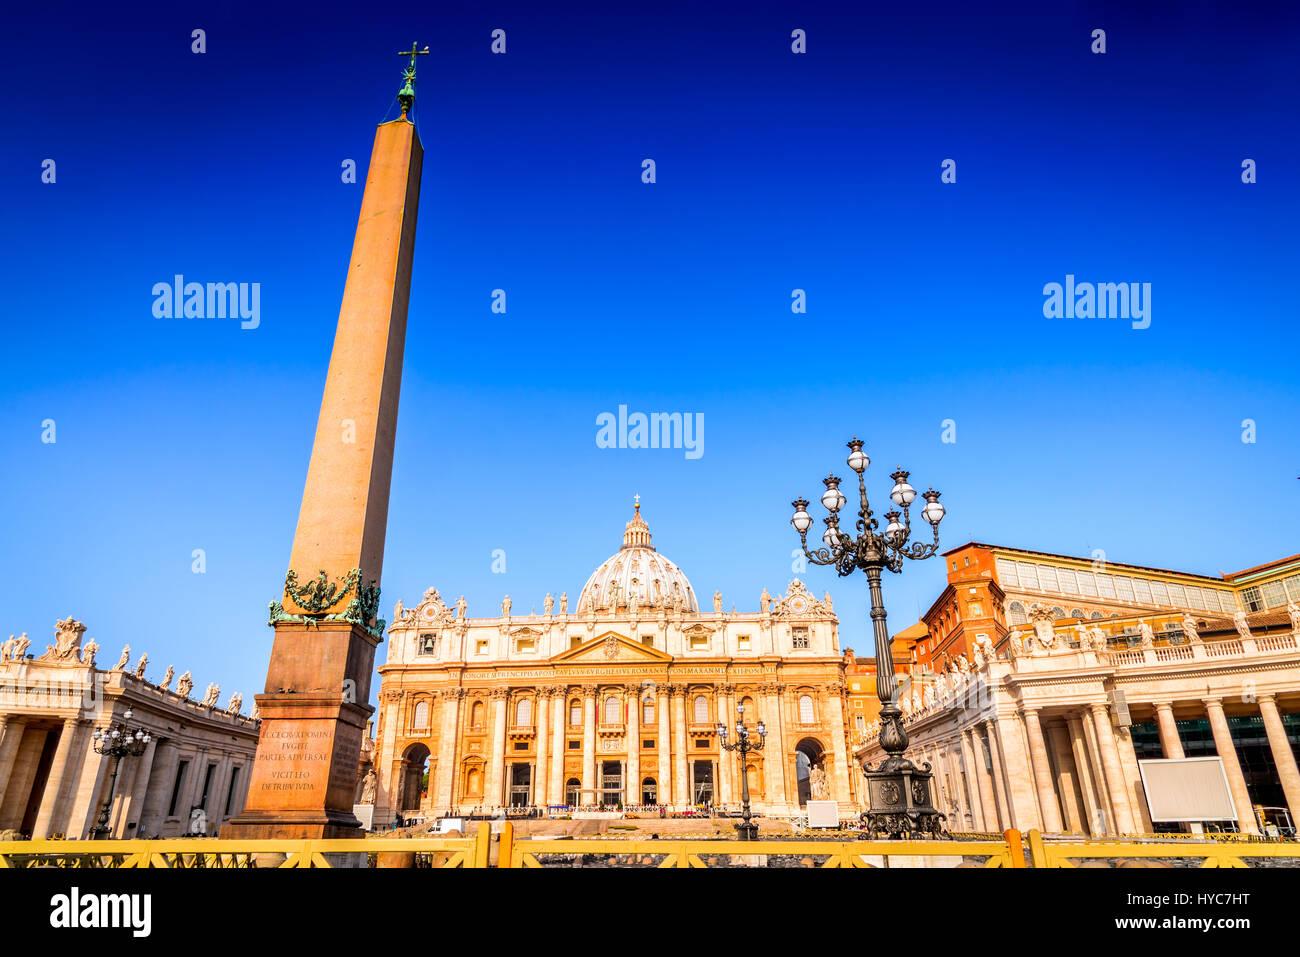 Rome, Italie. La Place Saint Pierre et la Basilique Saint Pierre le matin, Cité du Vatican, Roma, Italia. Photo Stock